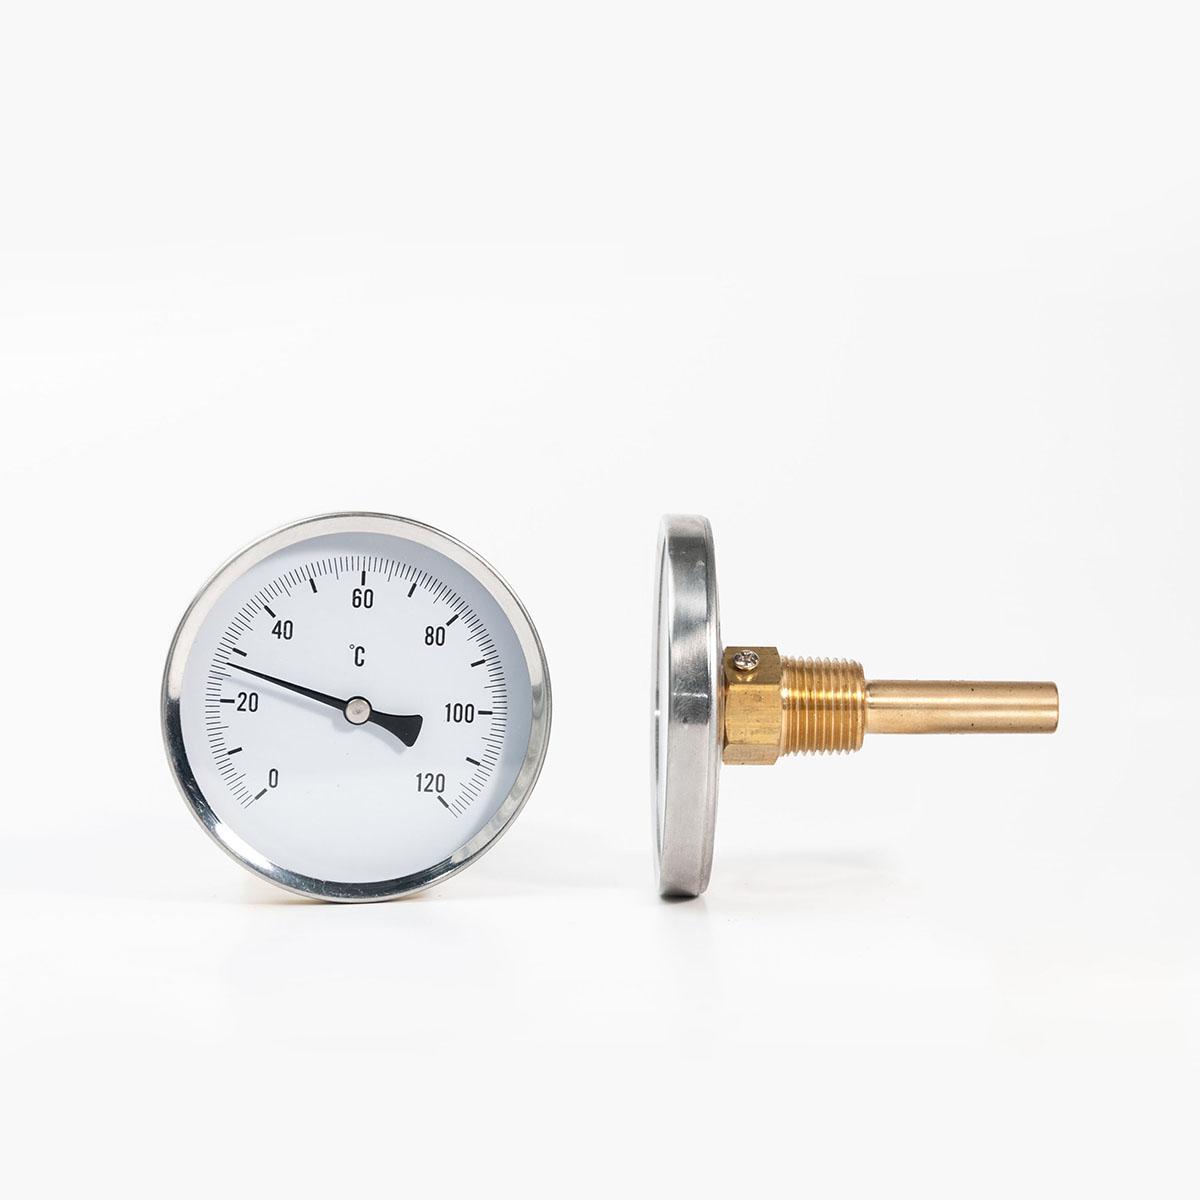 BT 63 - Bimetalni termometar fi 63 mm L50 mm (1)